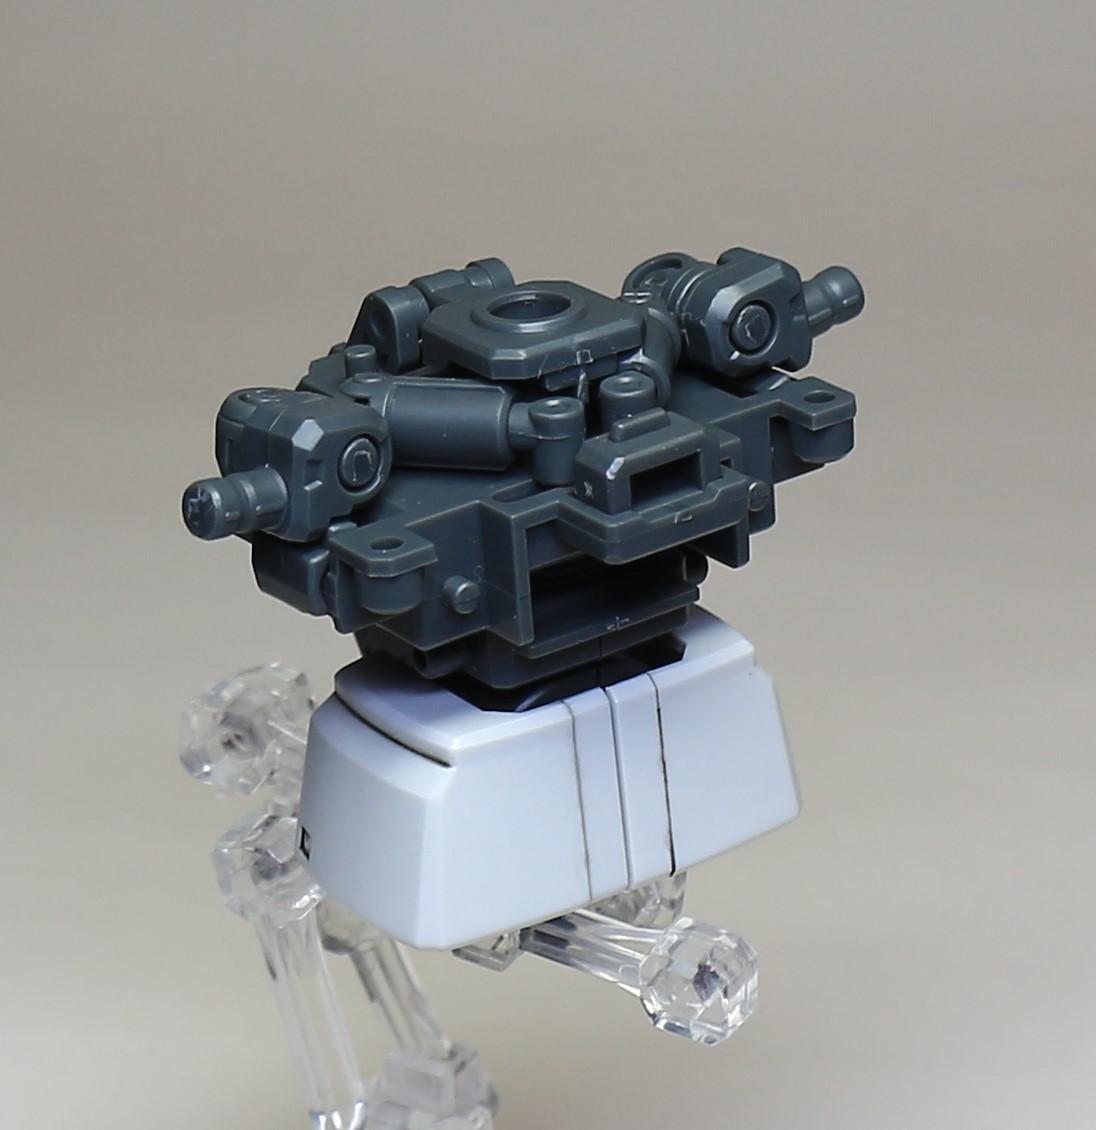 MG-GM_SNIPER_CUSTOM-28.jpg